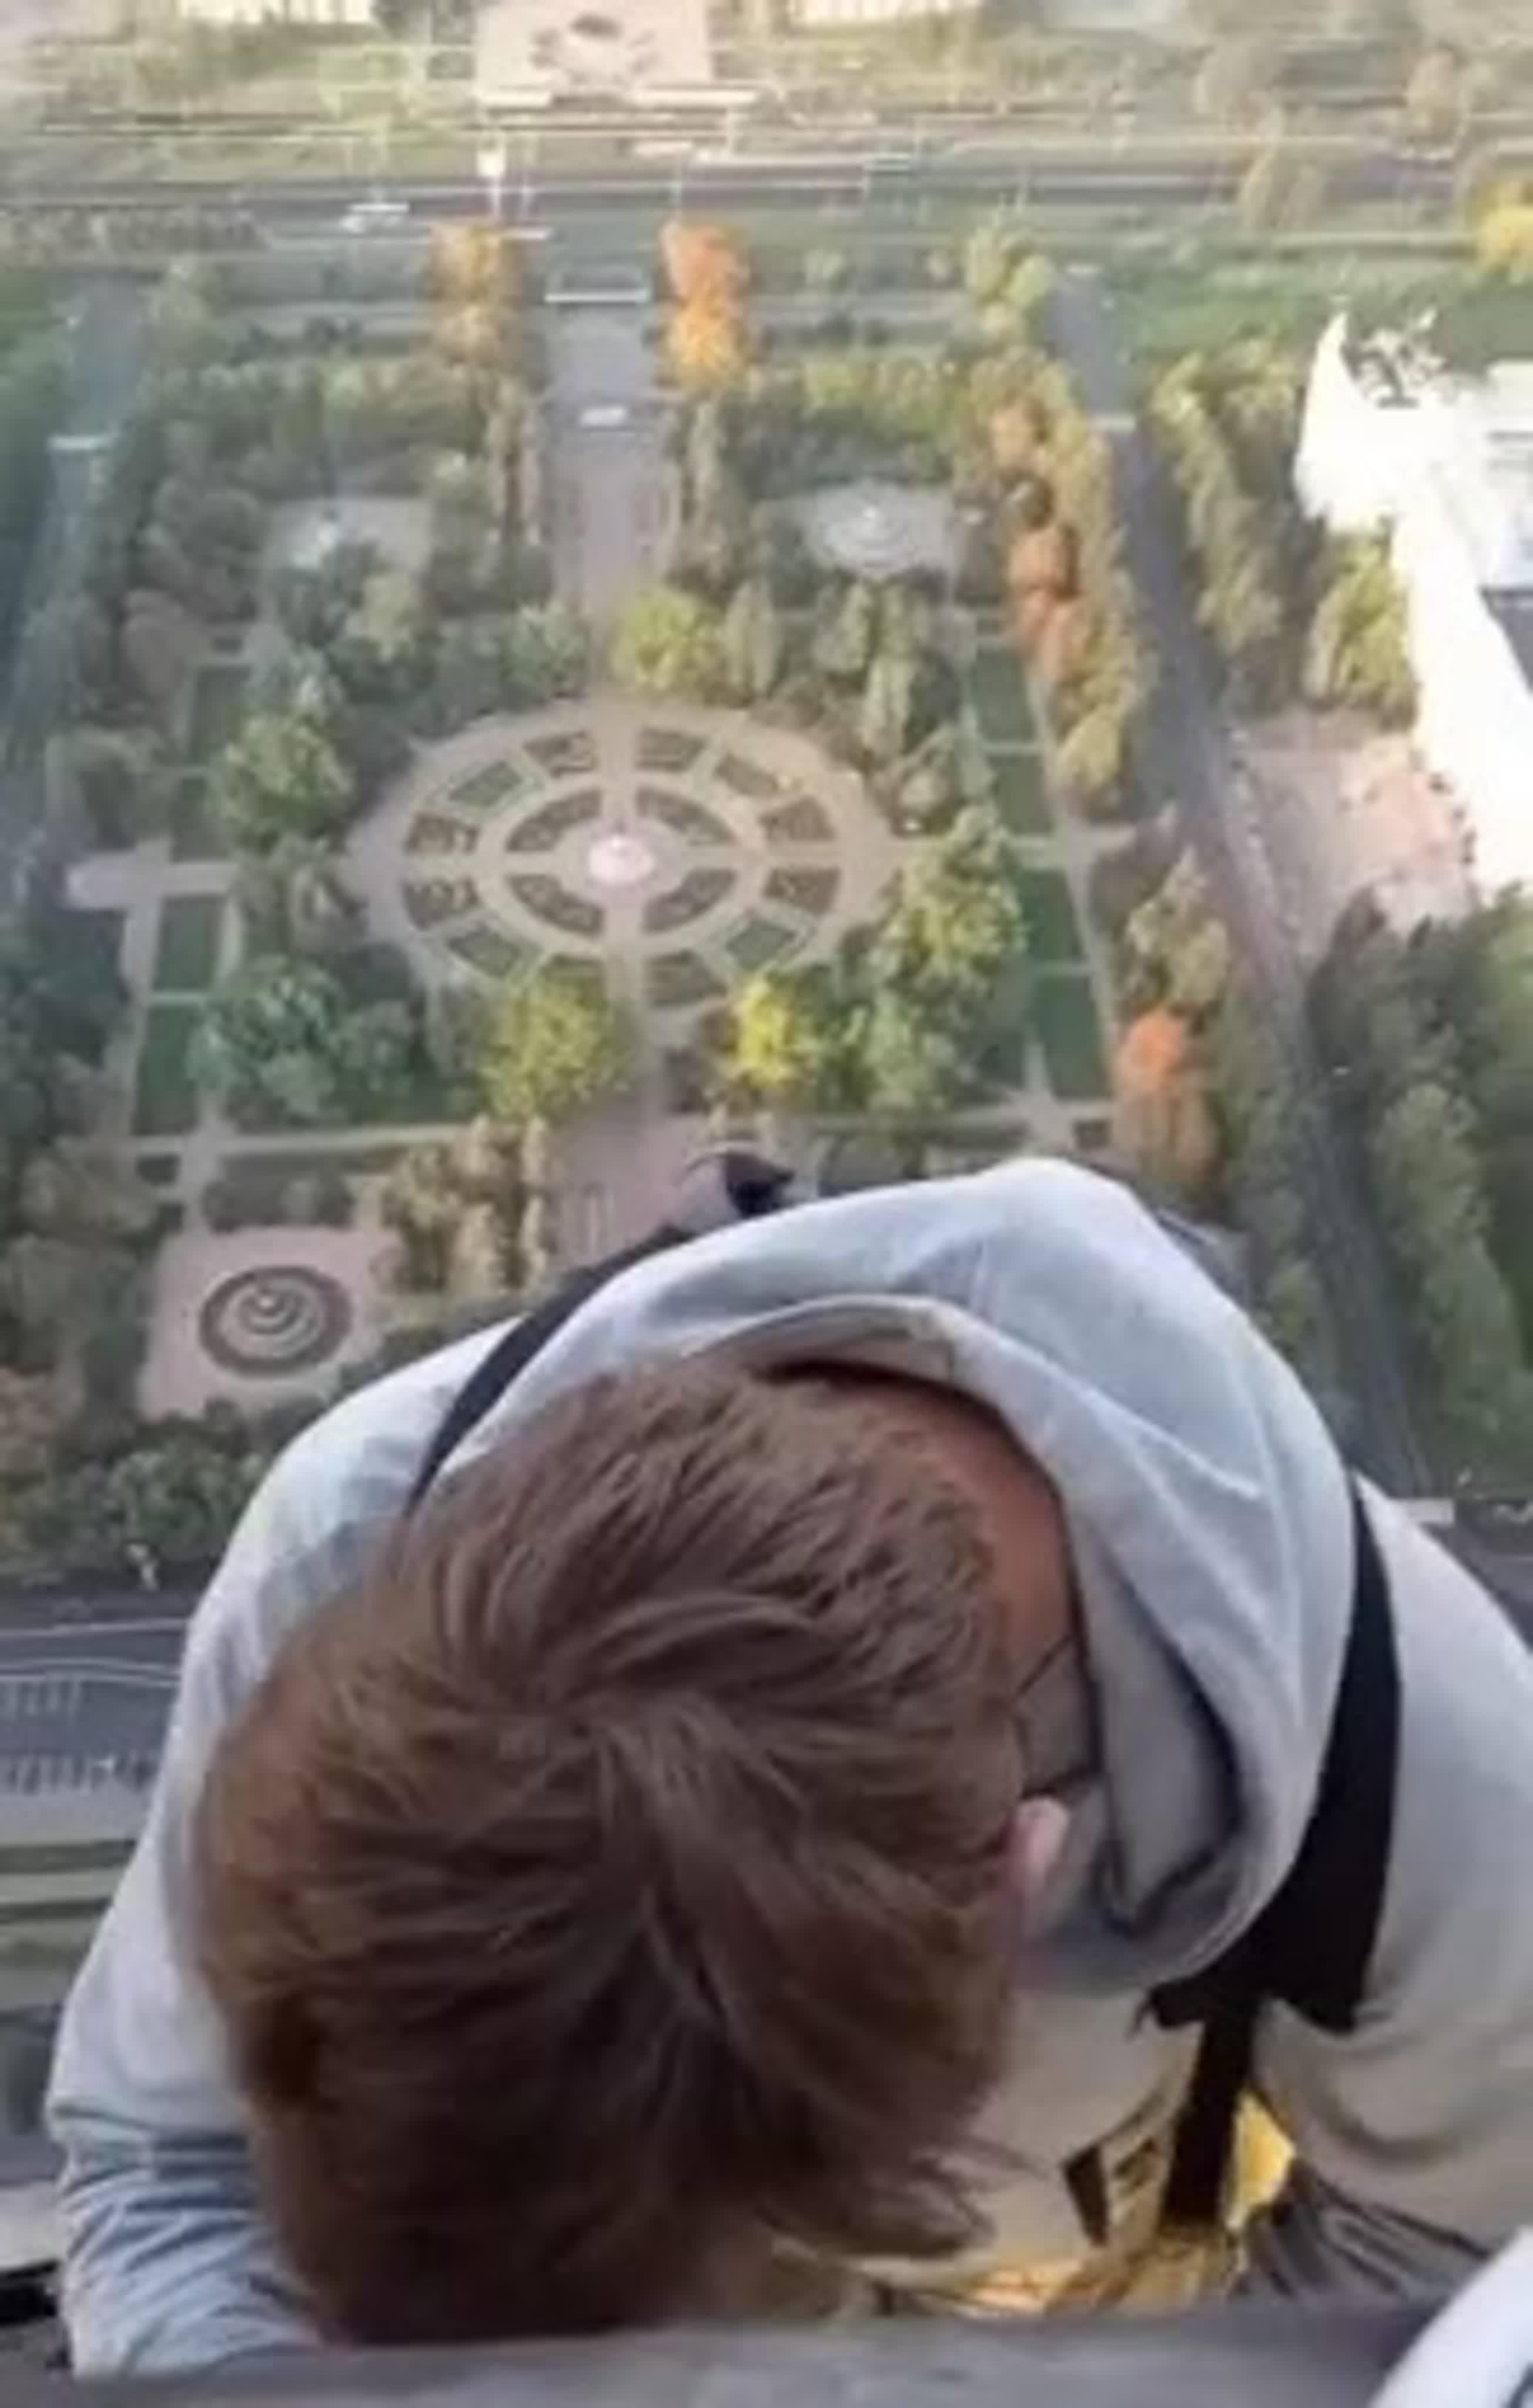 В Москве задержаны четверо подростков-руферов, которые залезли 11 сентября на звезду здания МГУ.